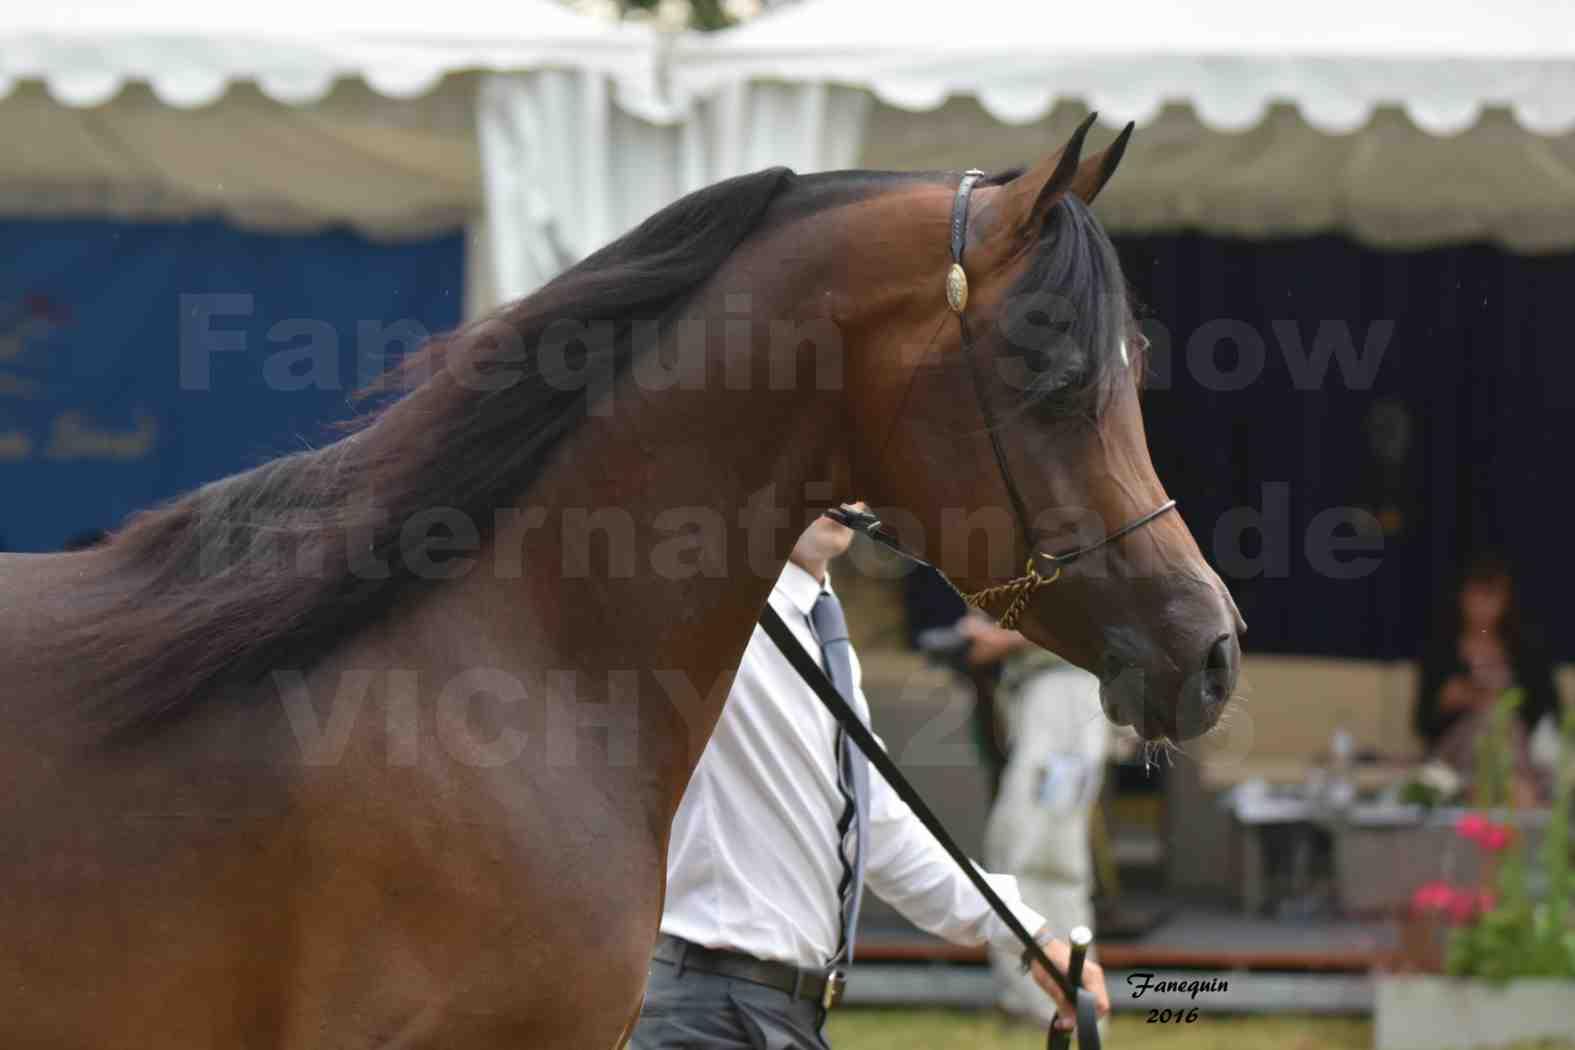 International Arabian Horse Show B de VICHY 2016 - MILLIAR - Notre Sélection - Portraits - 7